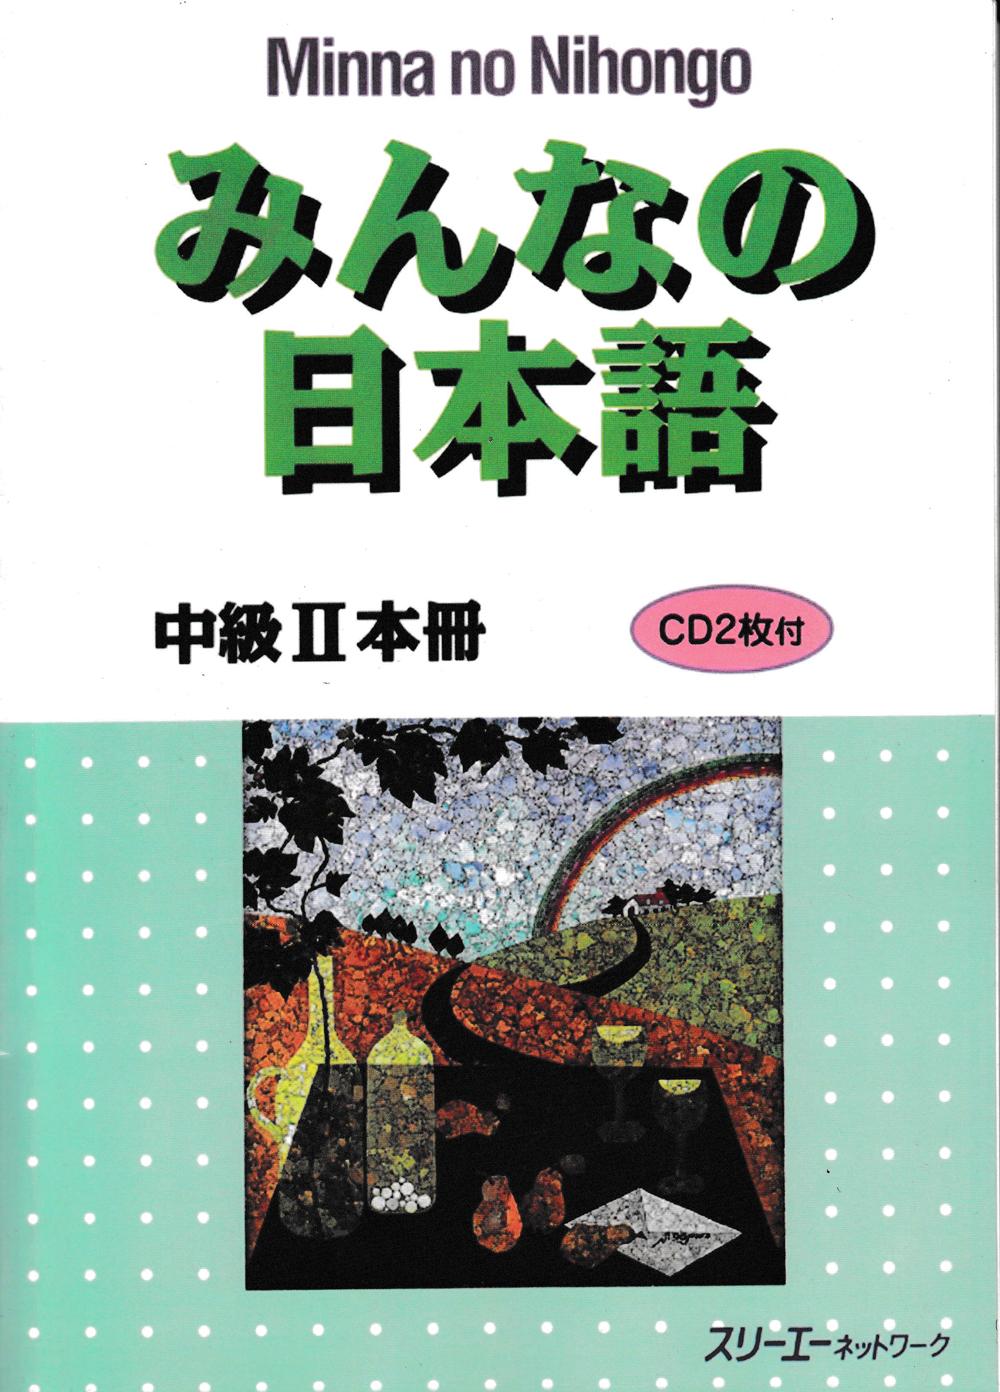 Giáo Trình Minna no Nihongo Trung Cấp 2 Bản Tiếng Nhật (Kèm CD) - EBOOK/PDF/PRC/EPUB